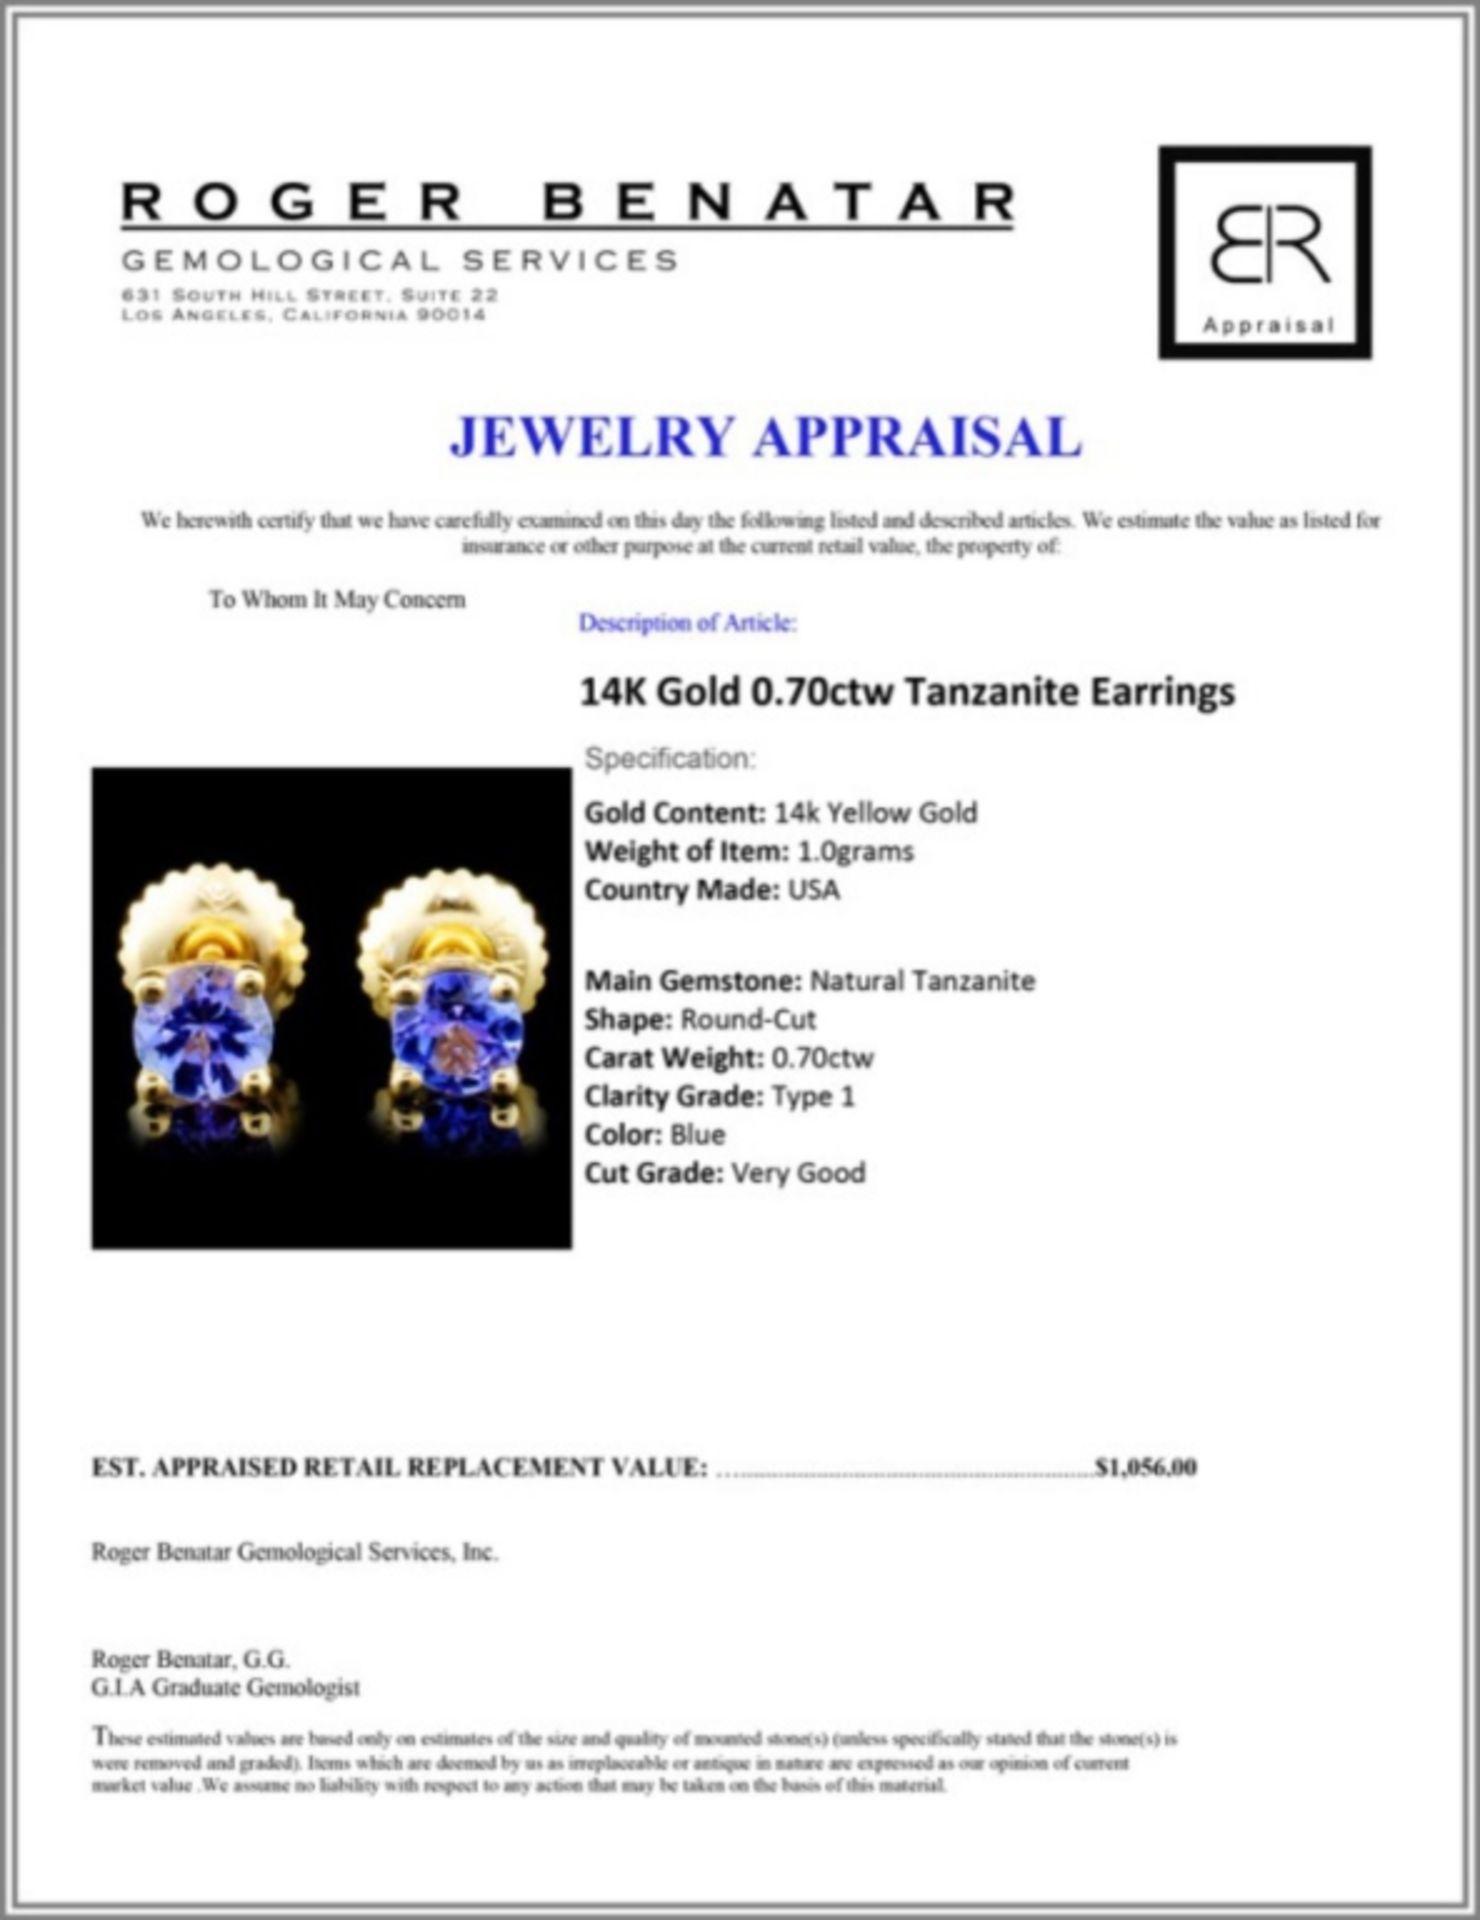 14K Gold 0.70ctw Tanzanite Earrings - Image 3 of 3